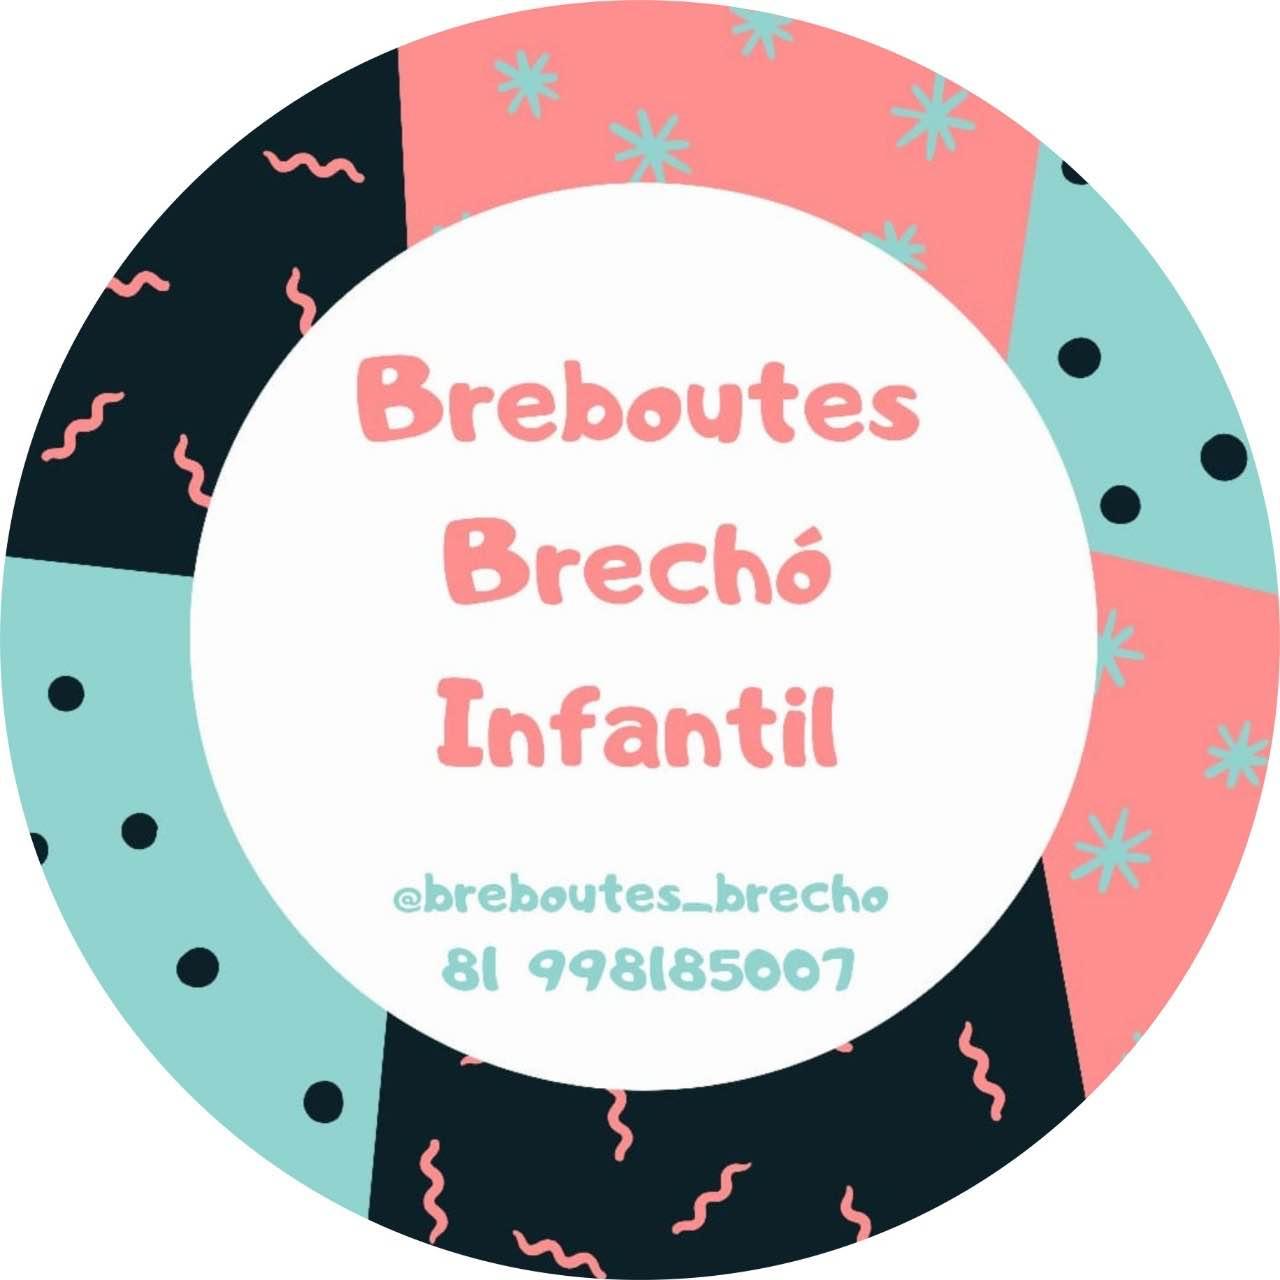 Breboutes